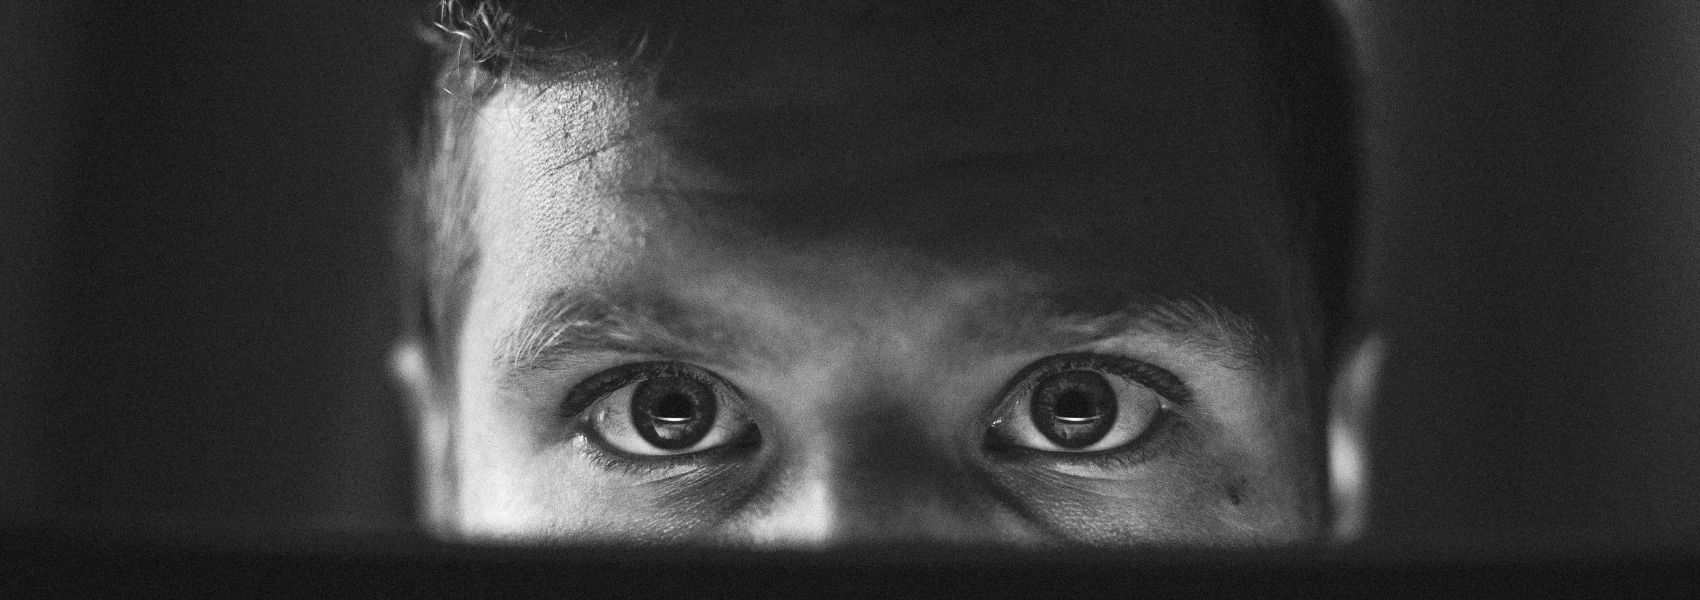 Diagnóstico precoce, a única fórmula para travar o glaucoma